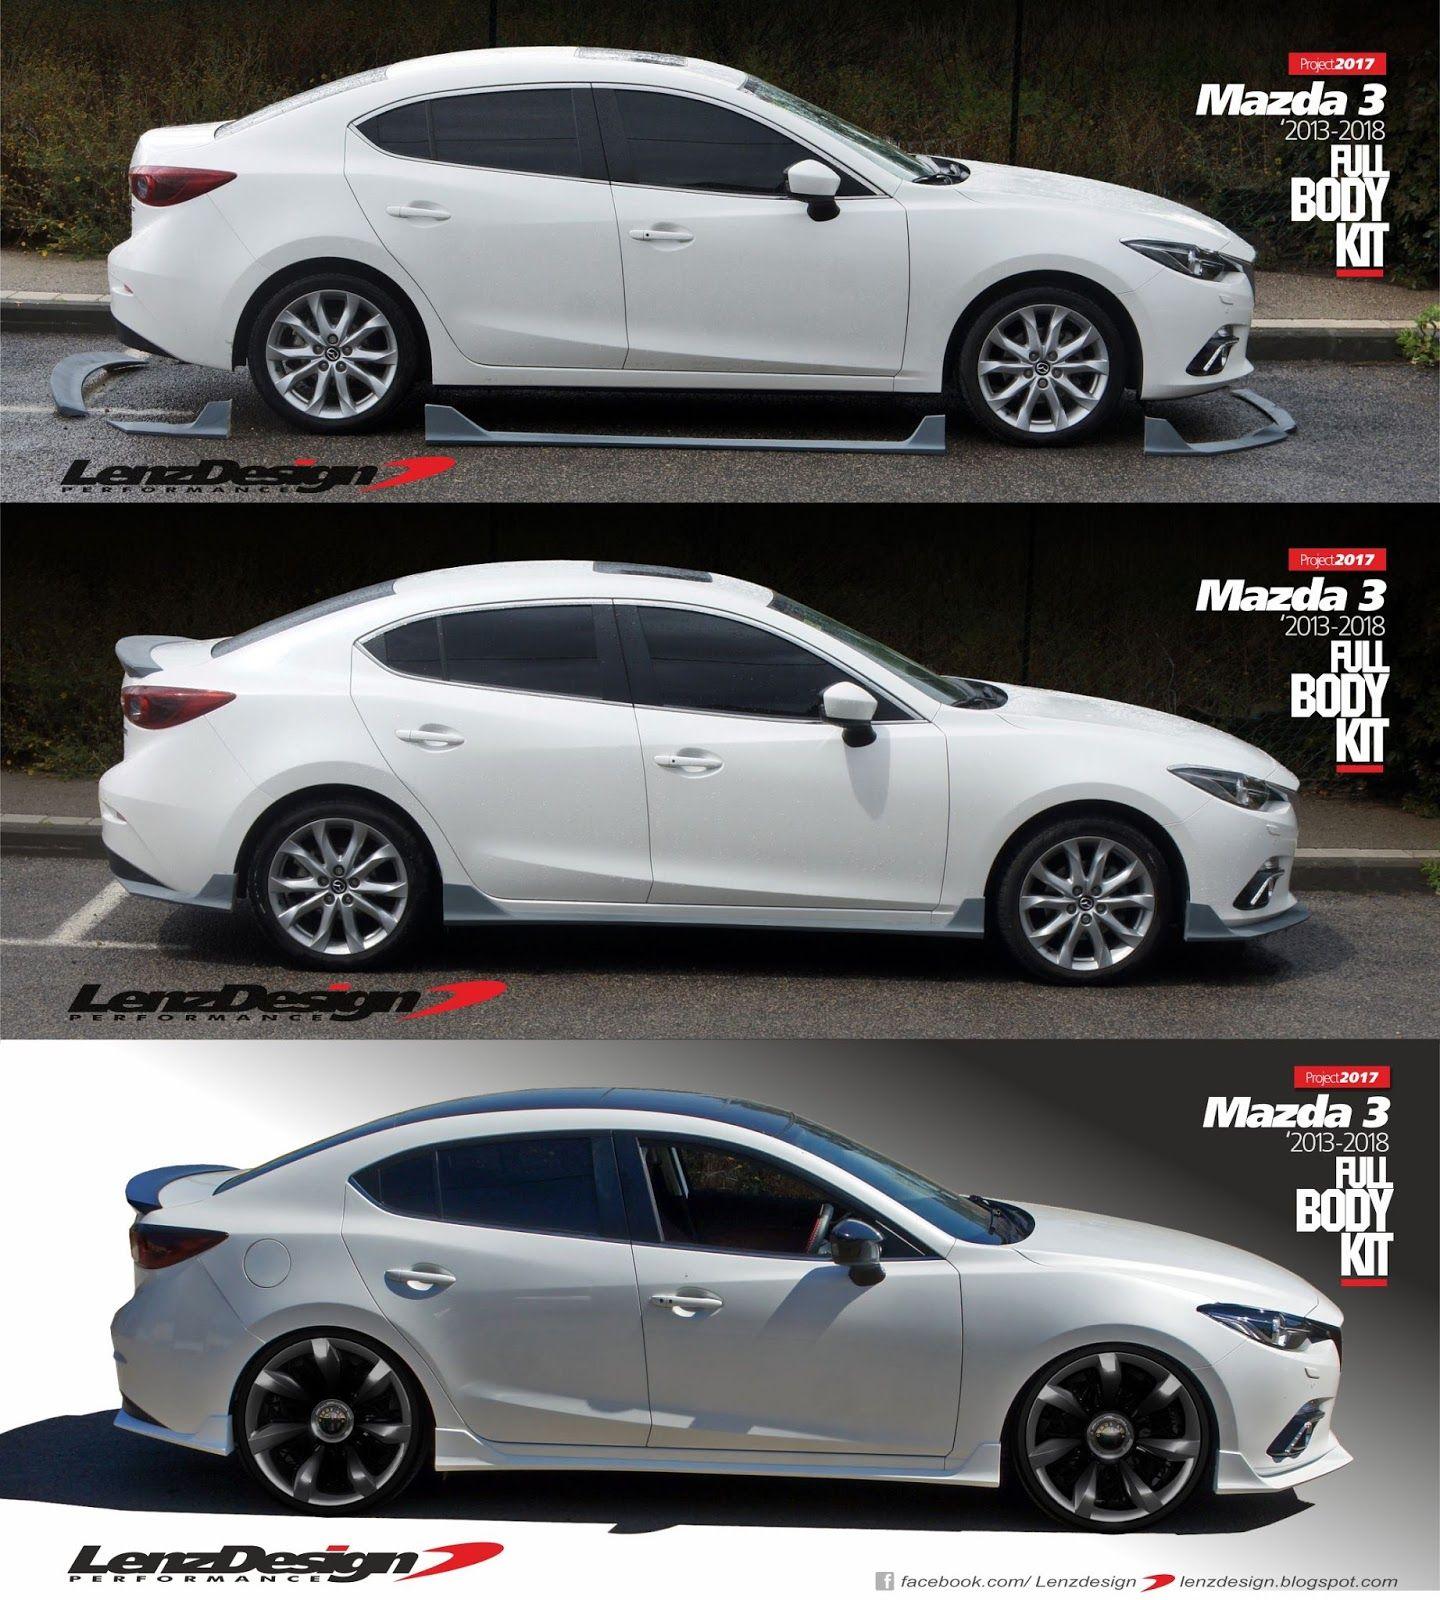 Lenzdesign Car Tuning Custom Project Mazda 3 Sedan Mazda 3 Touring Mazda 3